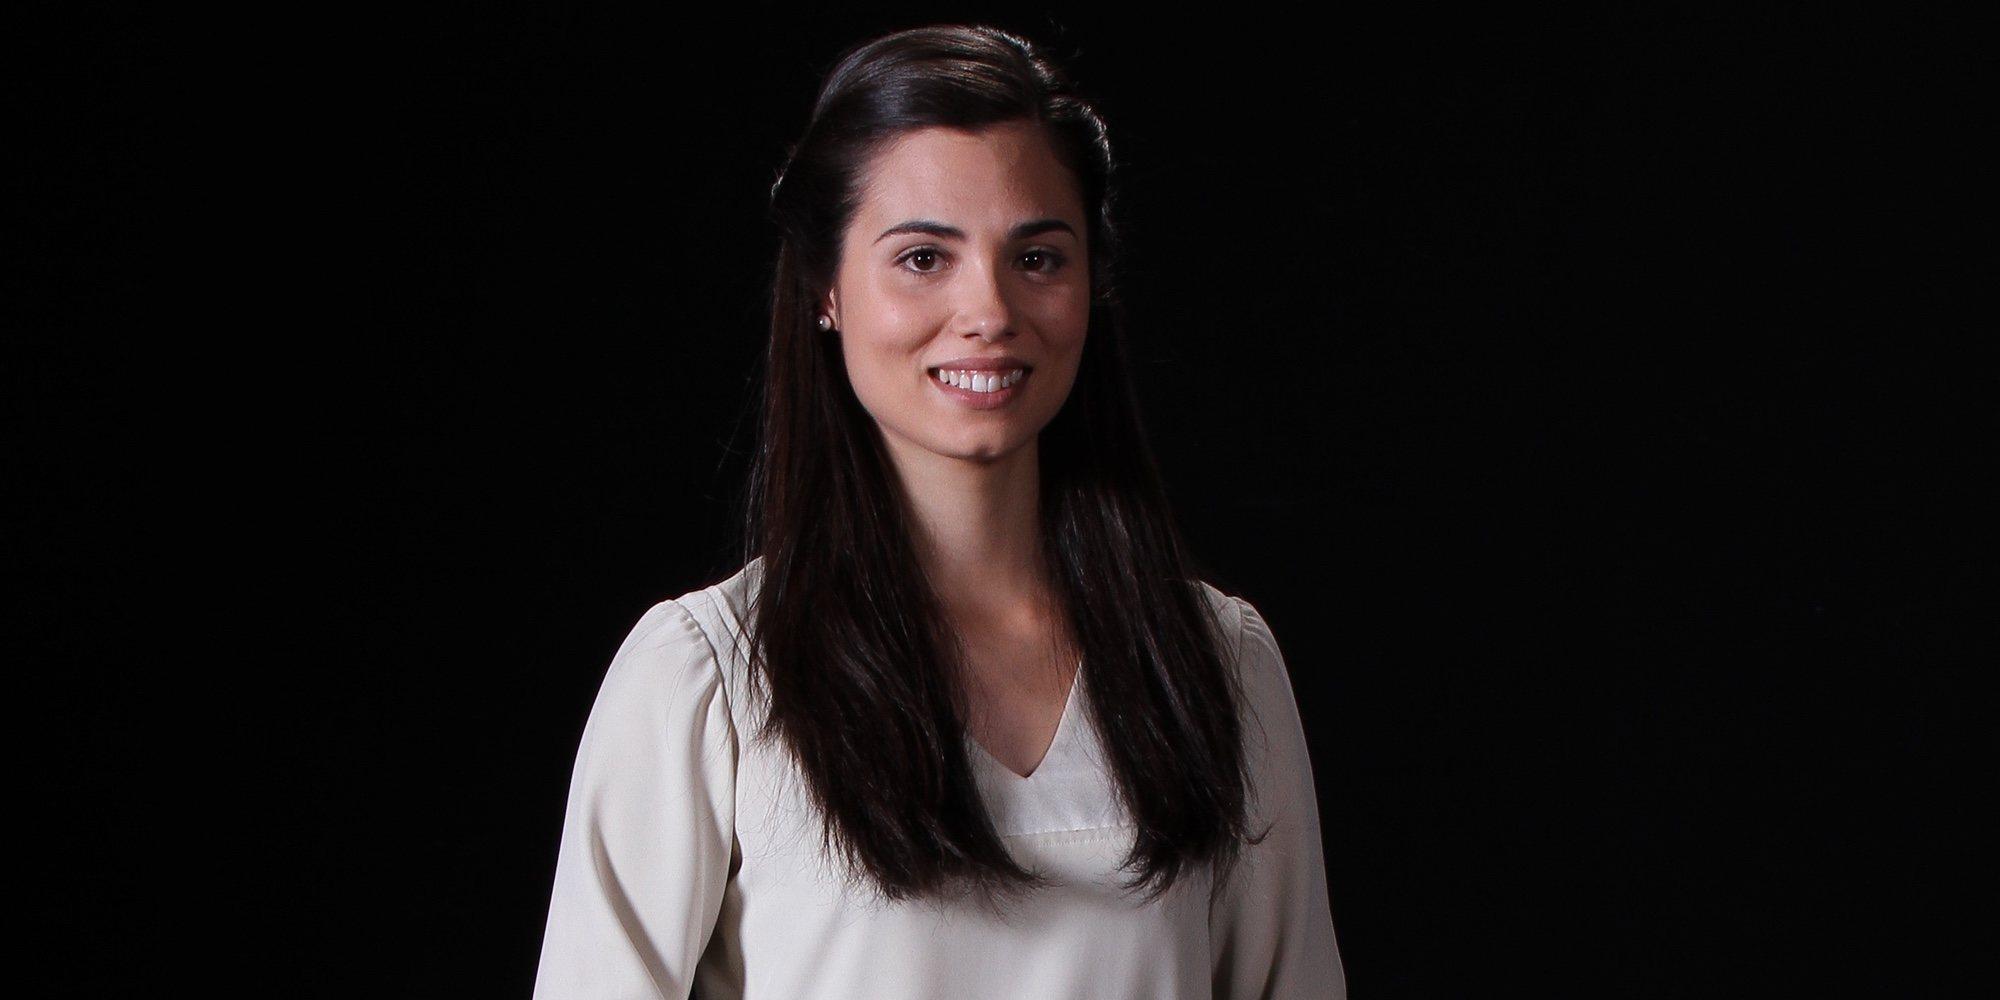 Todo lo que debes saber sobre Loreto Mauleón, la inolvidable María Castañeda en 'El secreto de Puente Viejo'